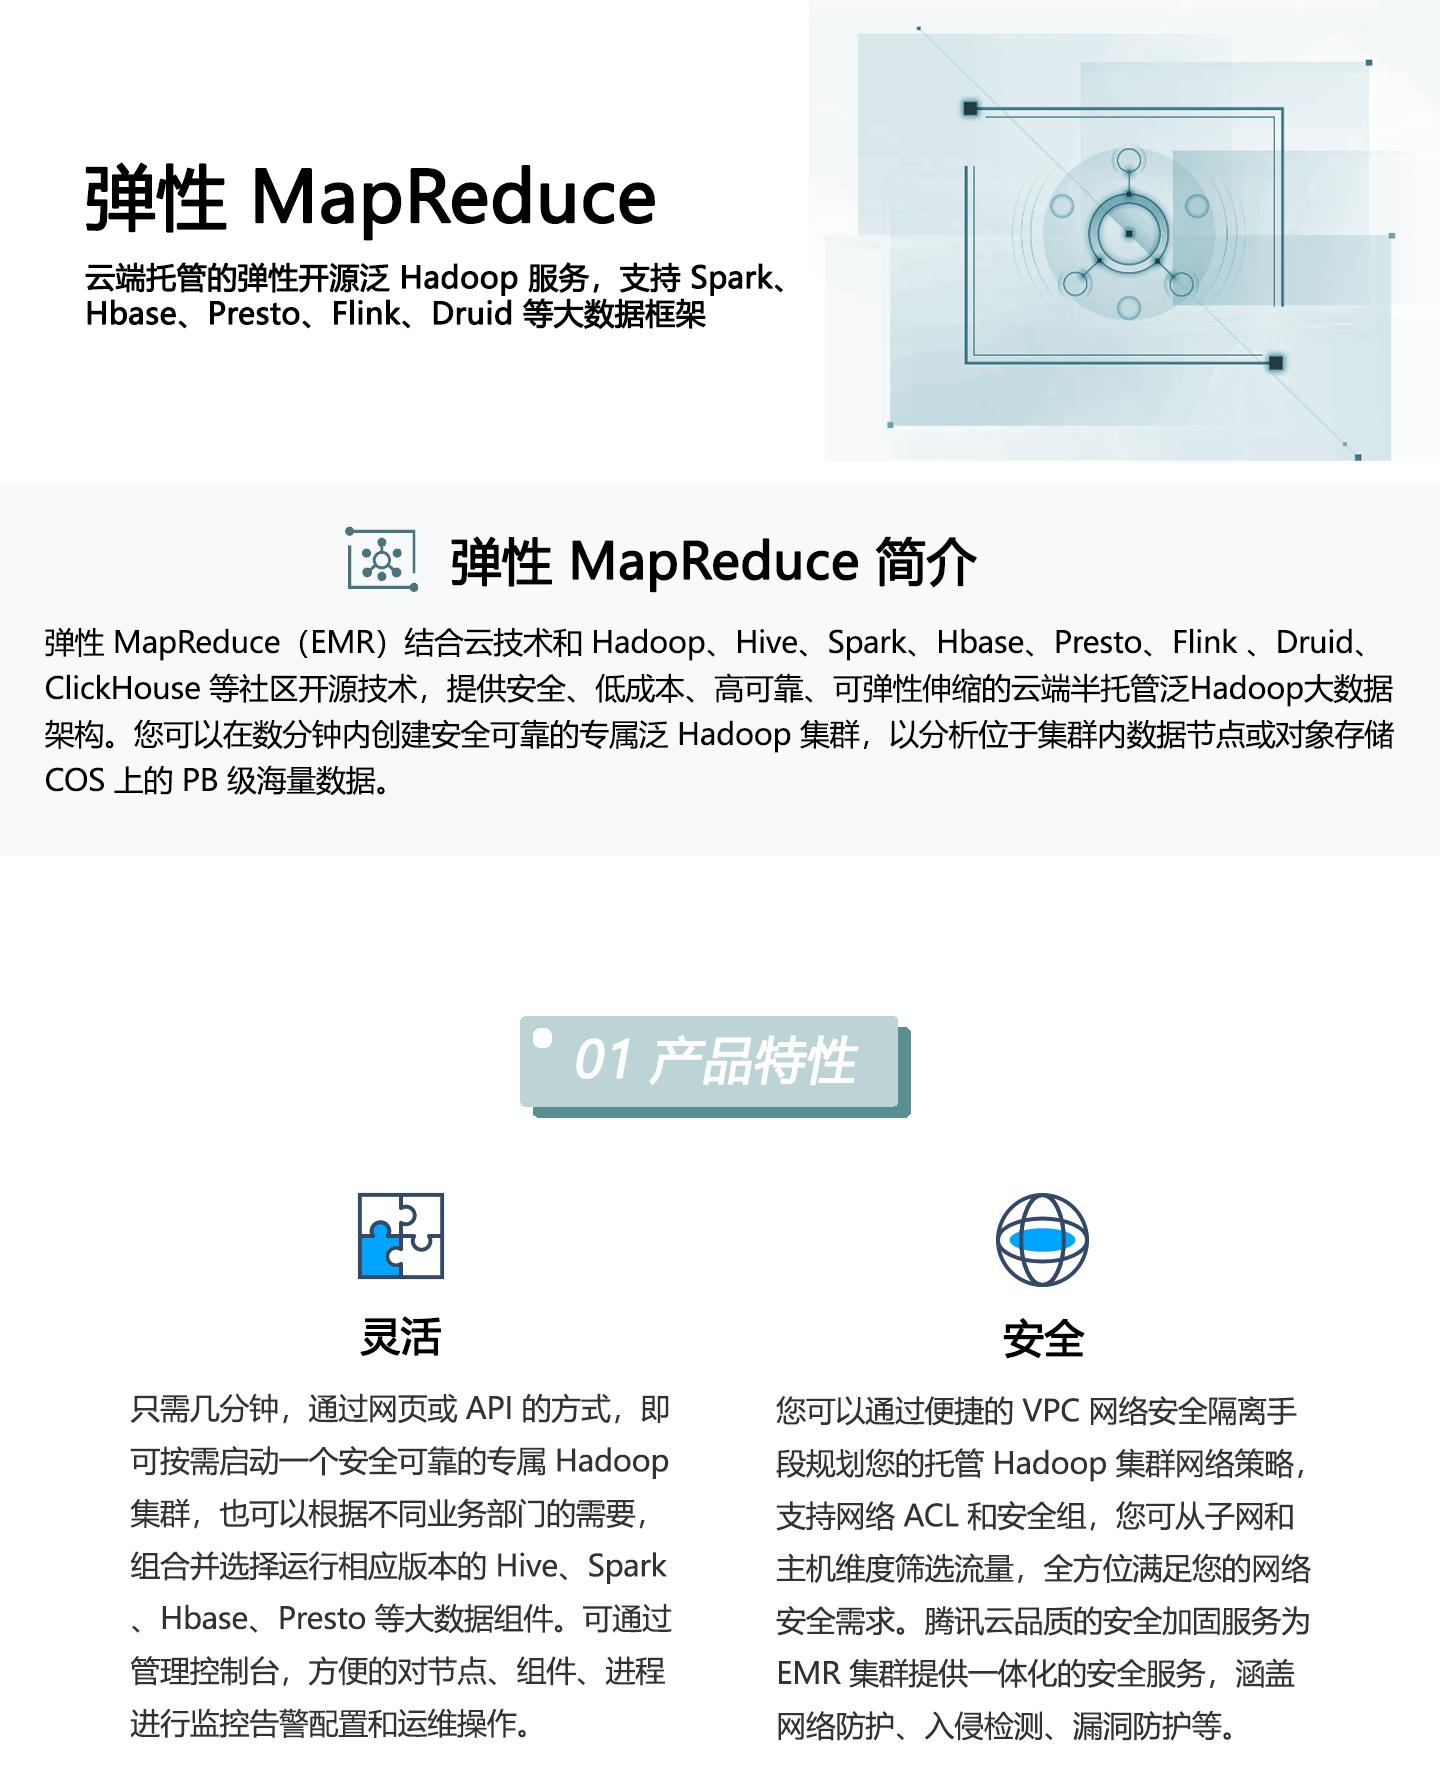 弹性-MapReduce-1440_01.jpg